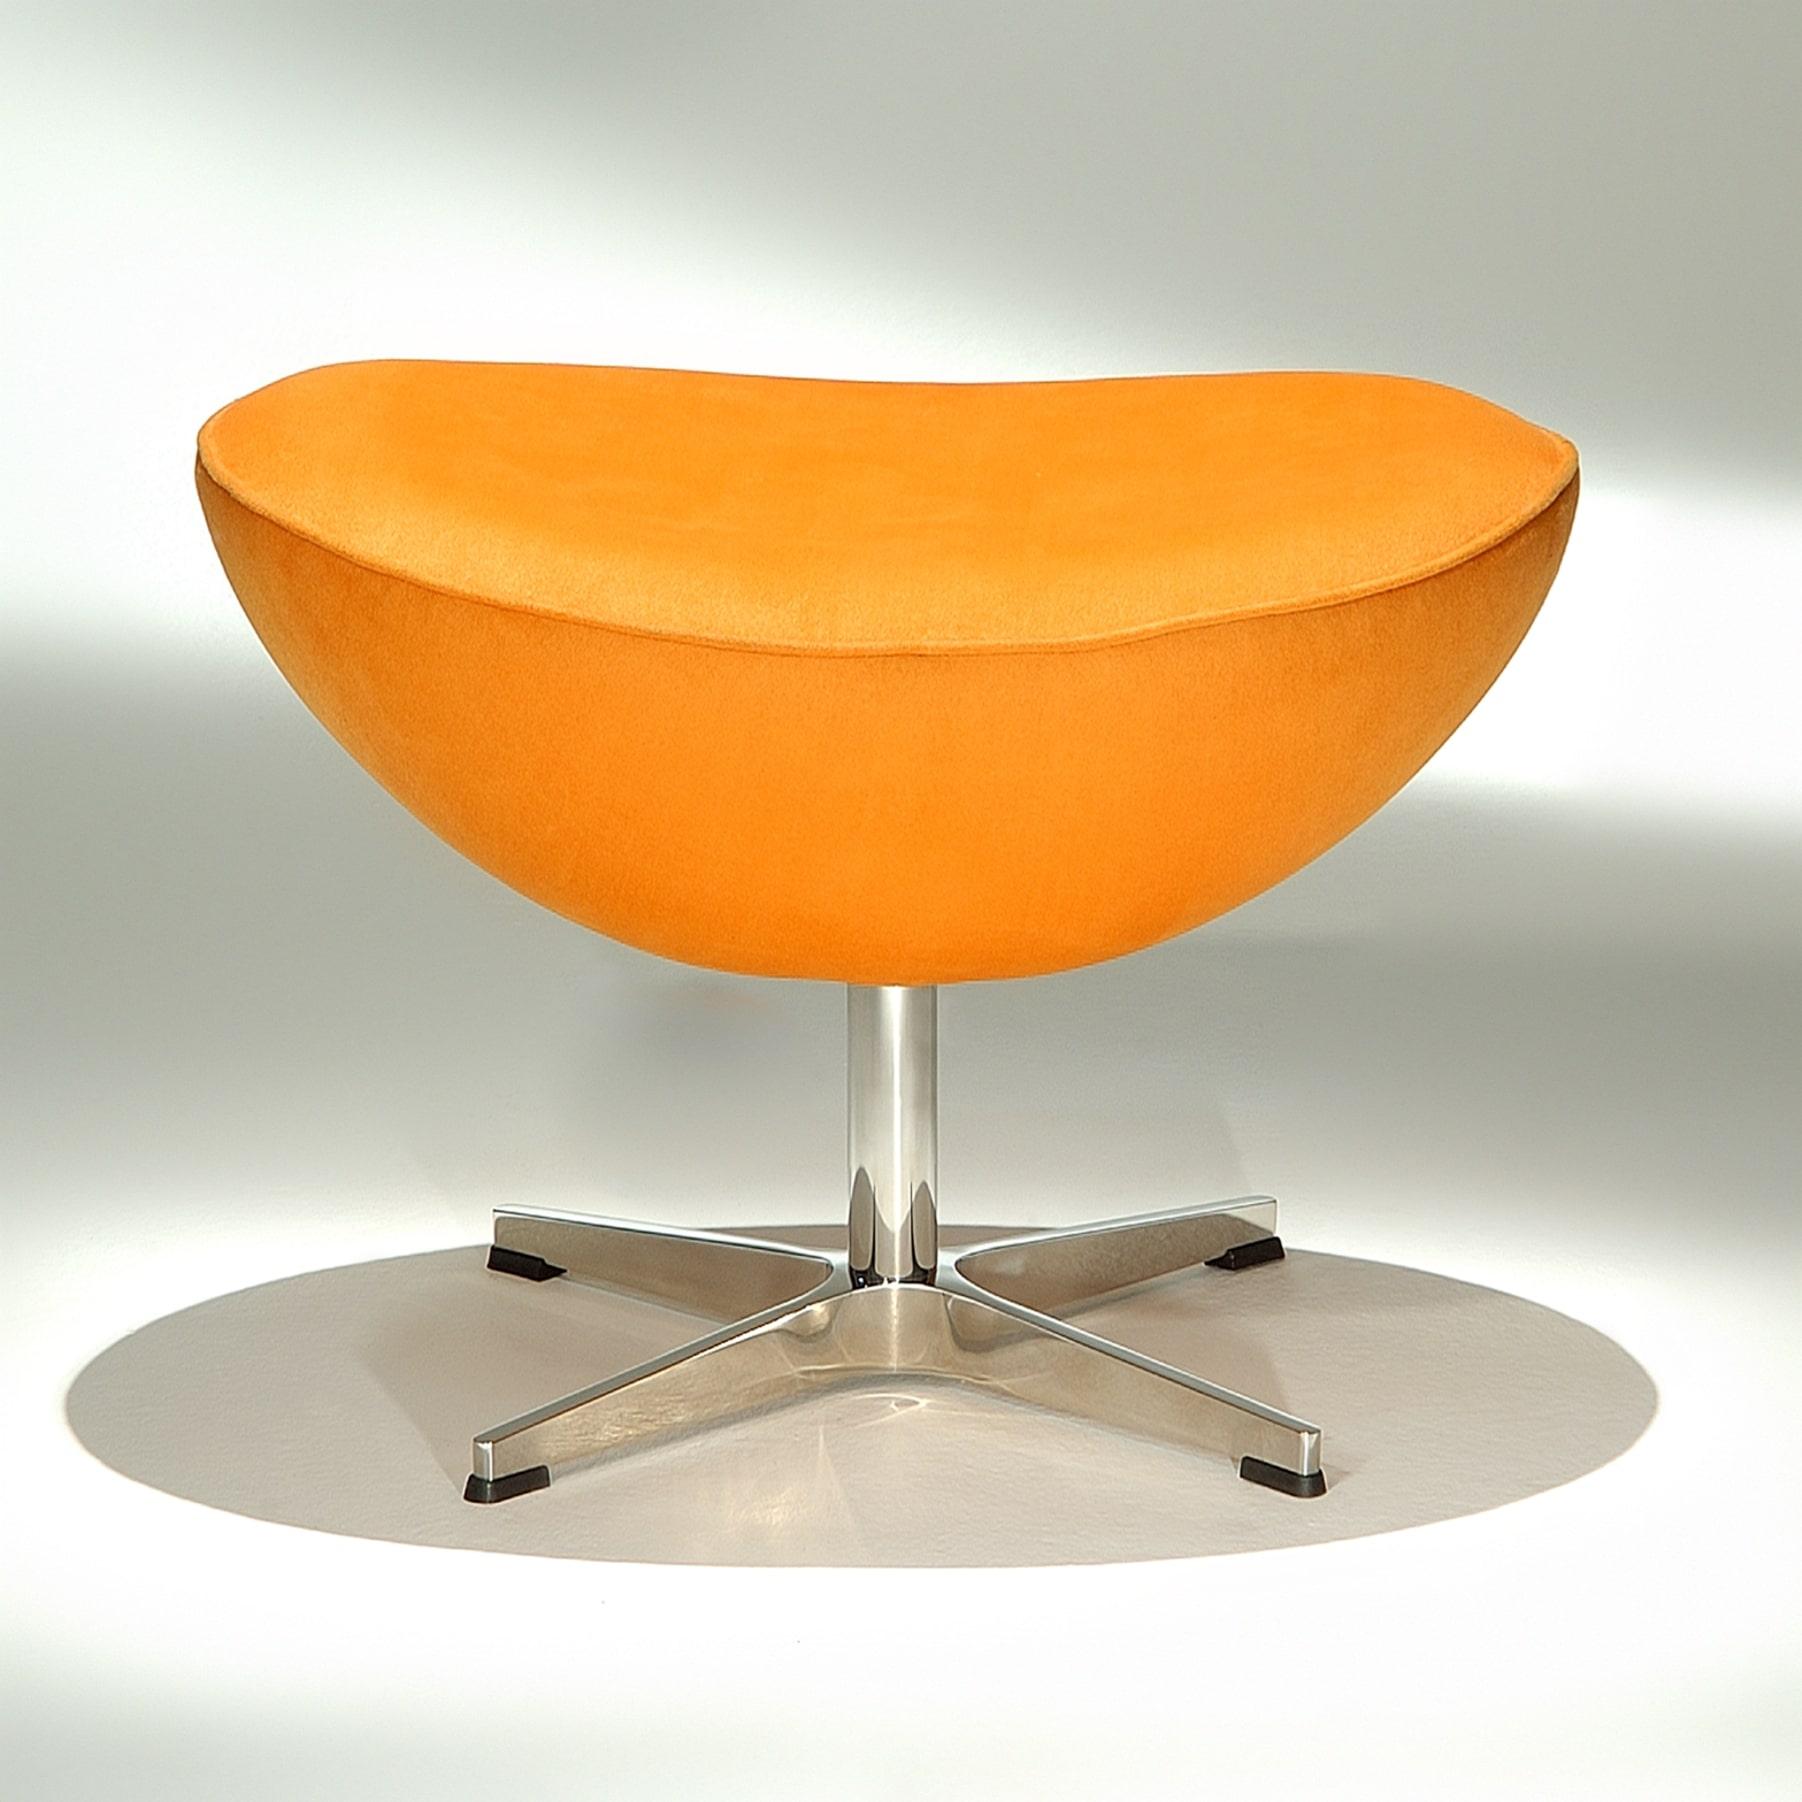 Banqueta The Egg Studio Mais Design by Arne Jacobsen